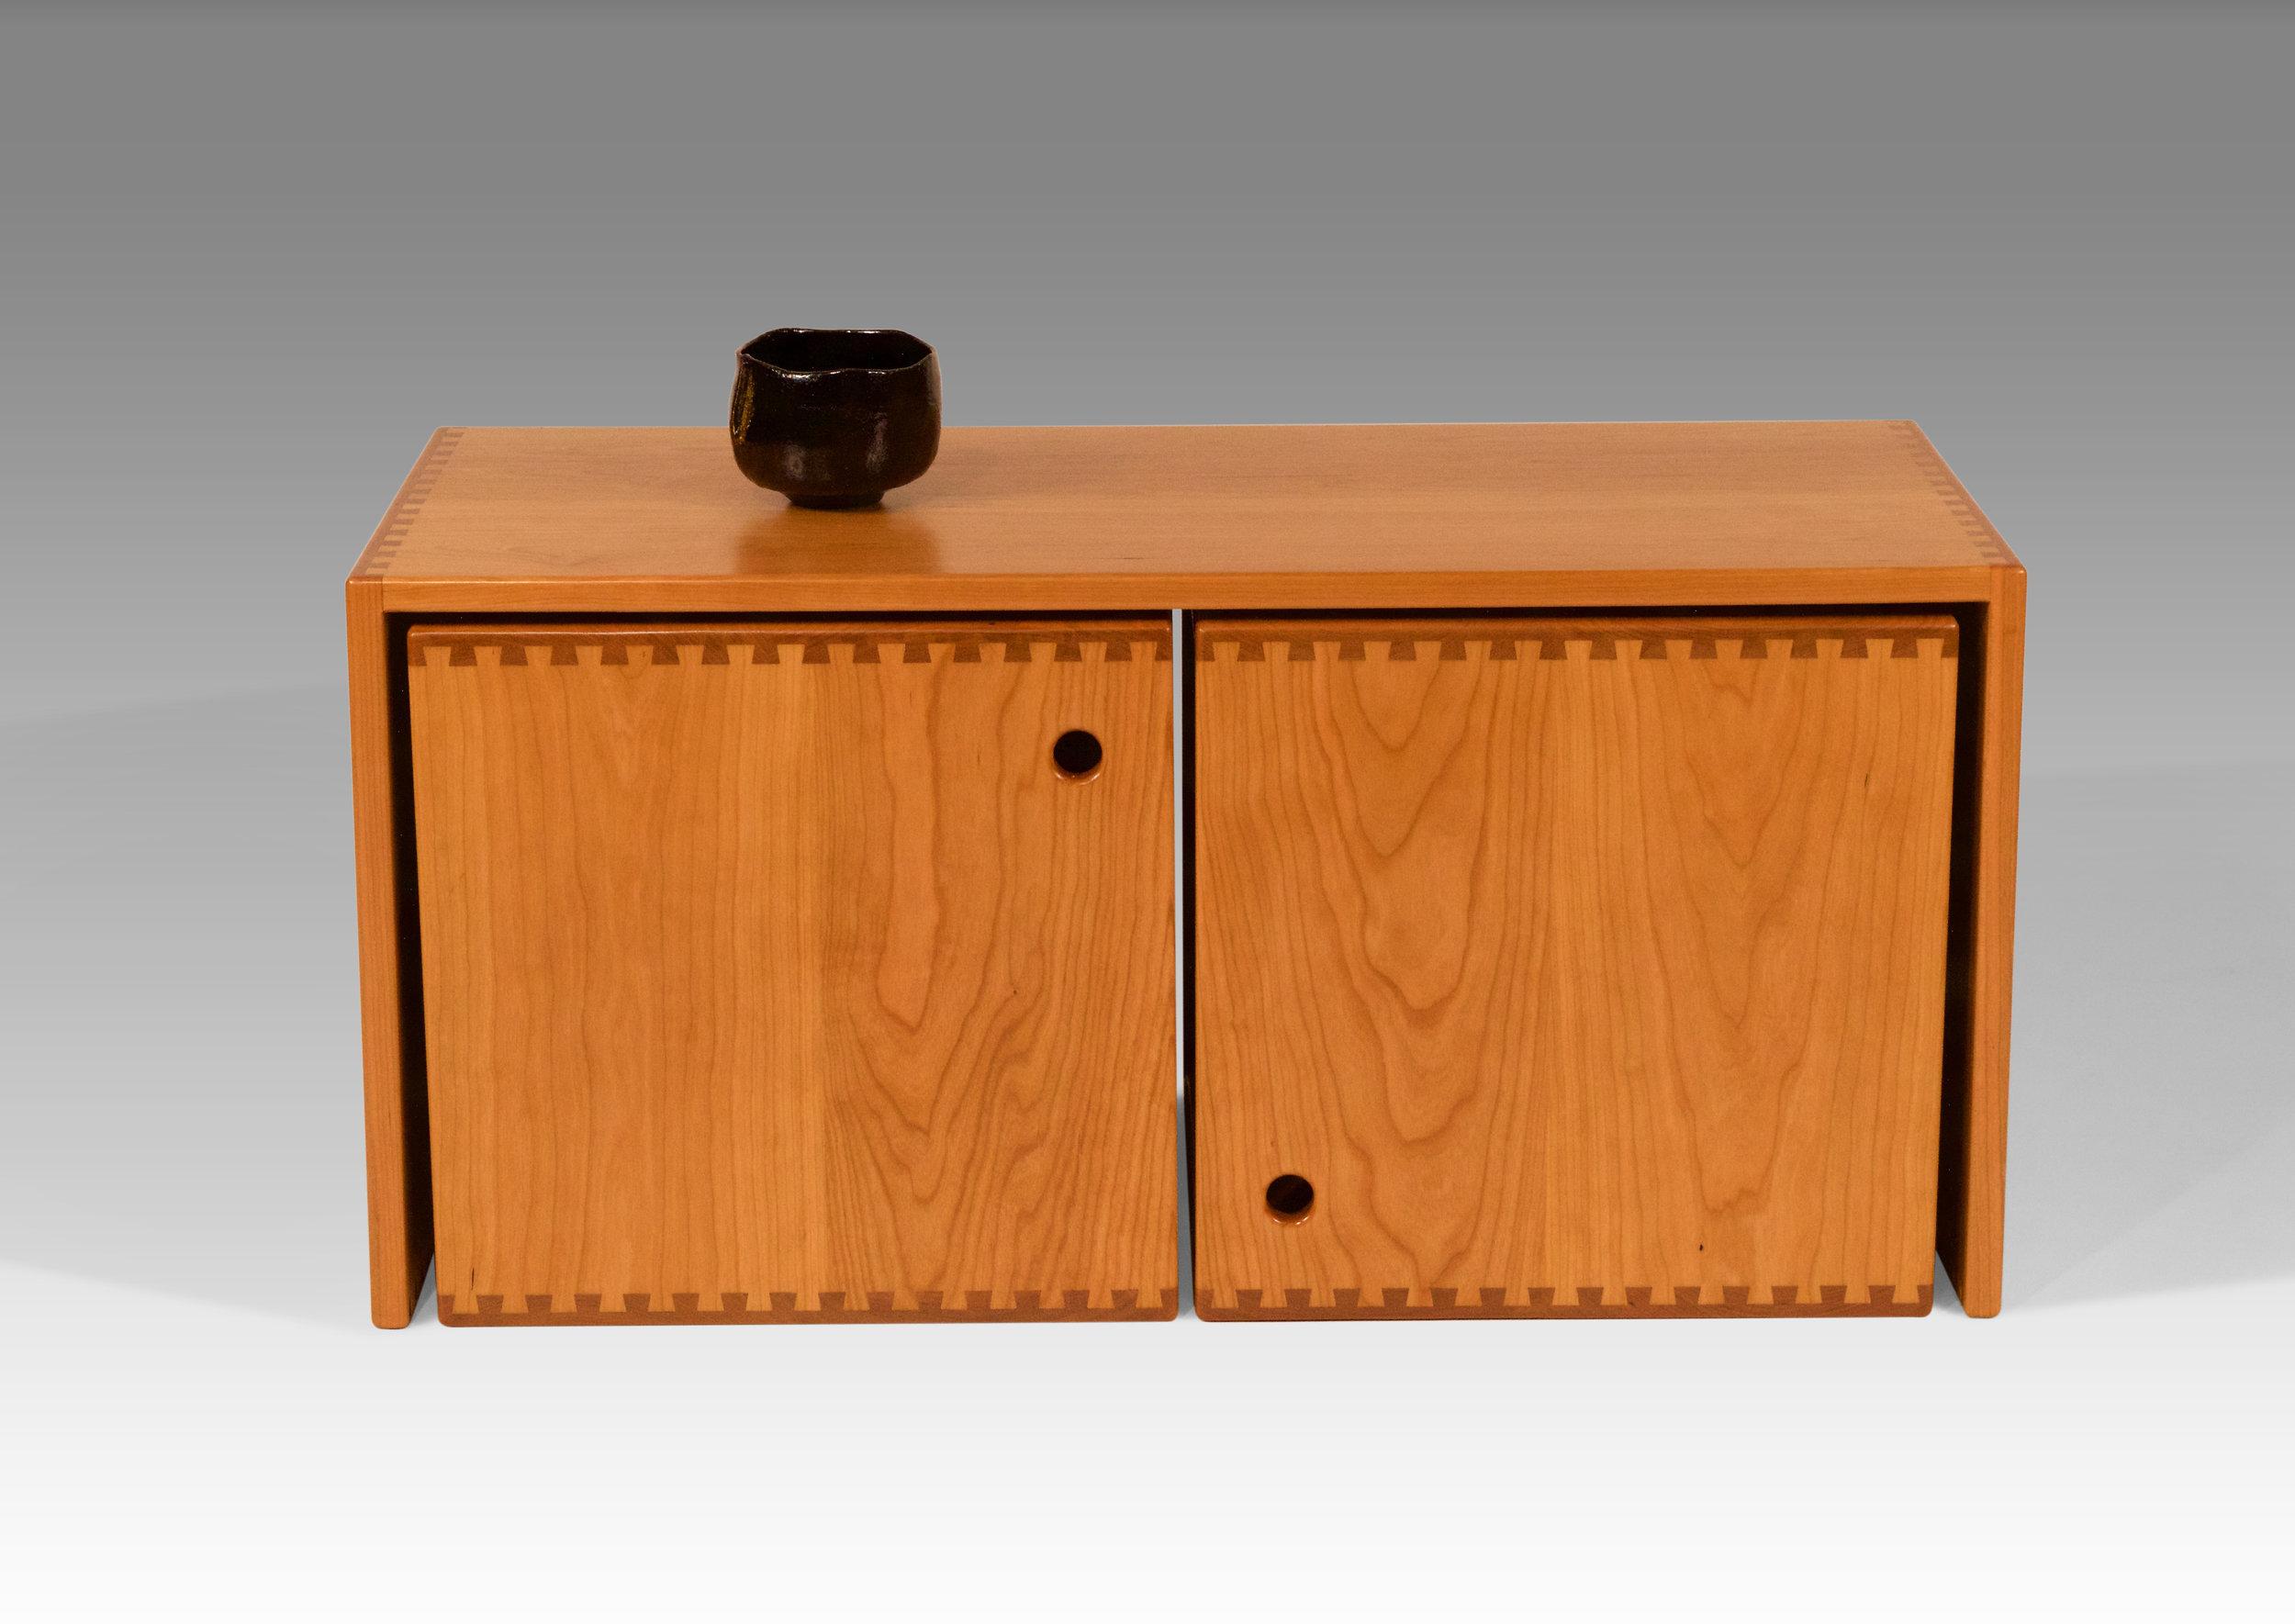 Zipper Coffee Table4 - 1.jpg